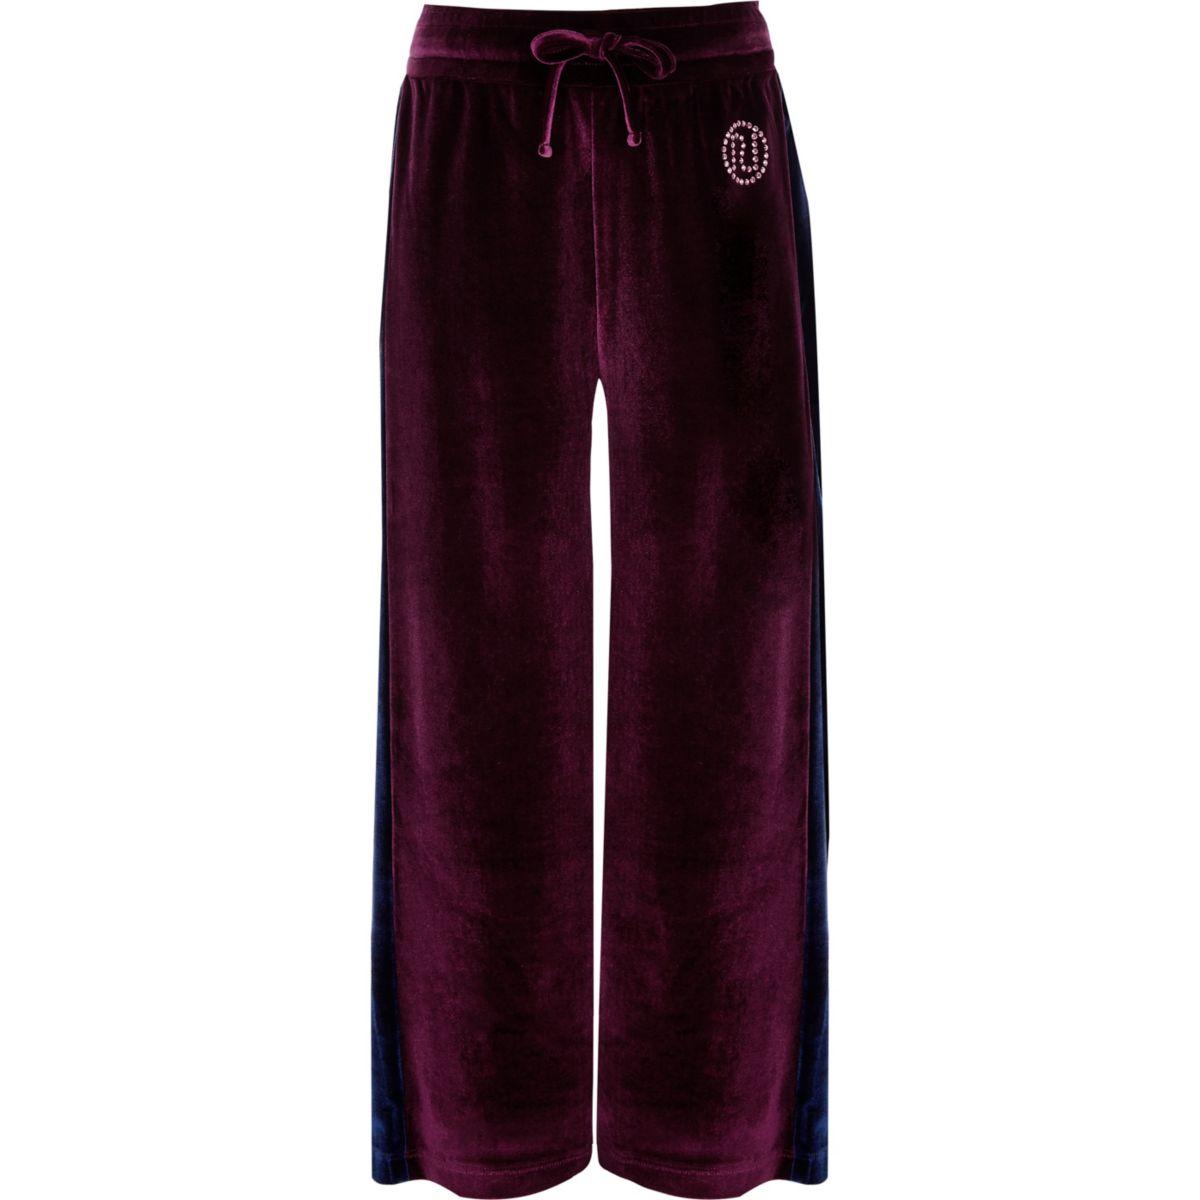 Pantalon en velours rayé violet à bandes latérales pour fille